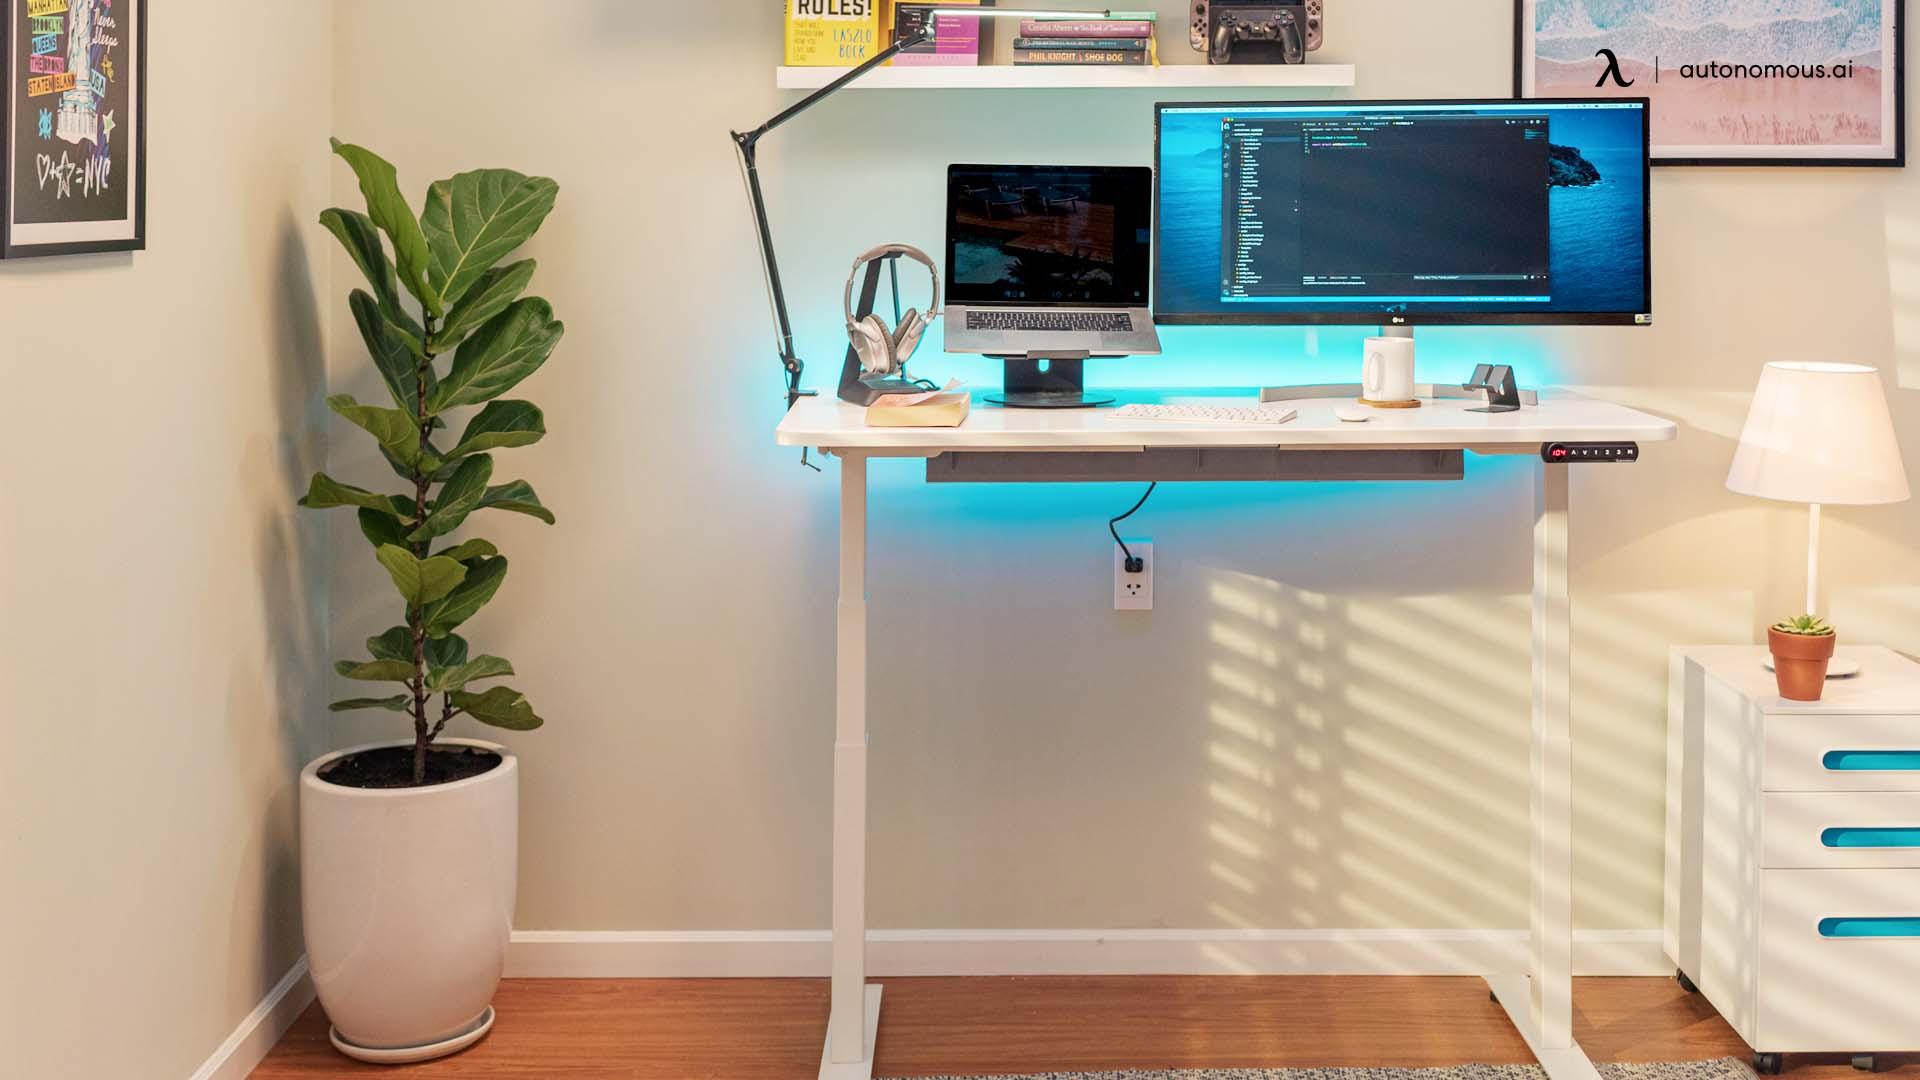 DIY Smart Desk Kit from Autonomous